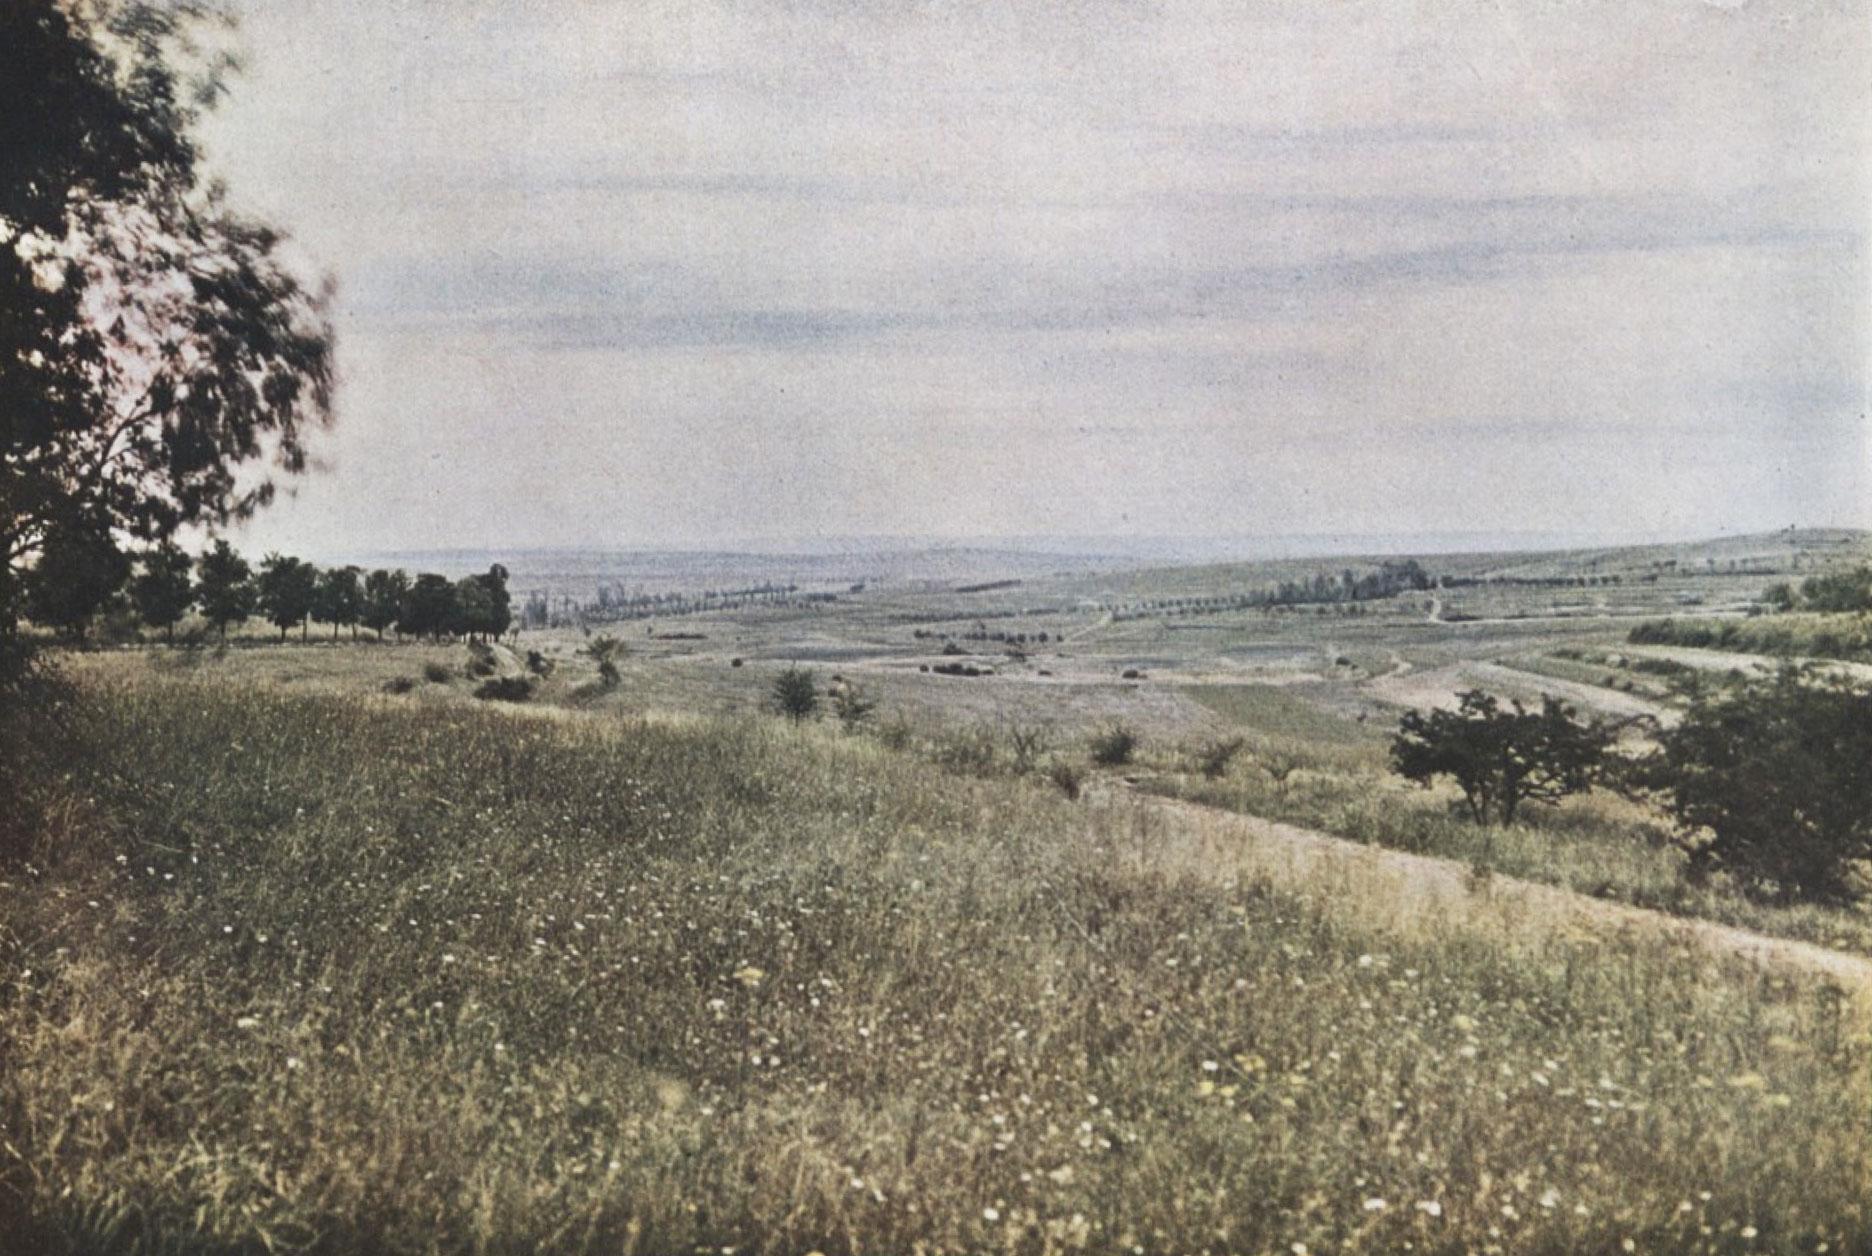 Gervais-Courtellemont: Vígvöllurinn vinstra megin við ána Meuse.